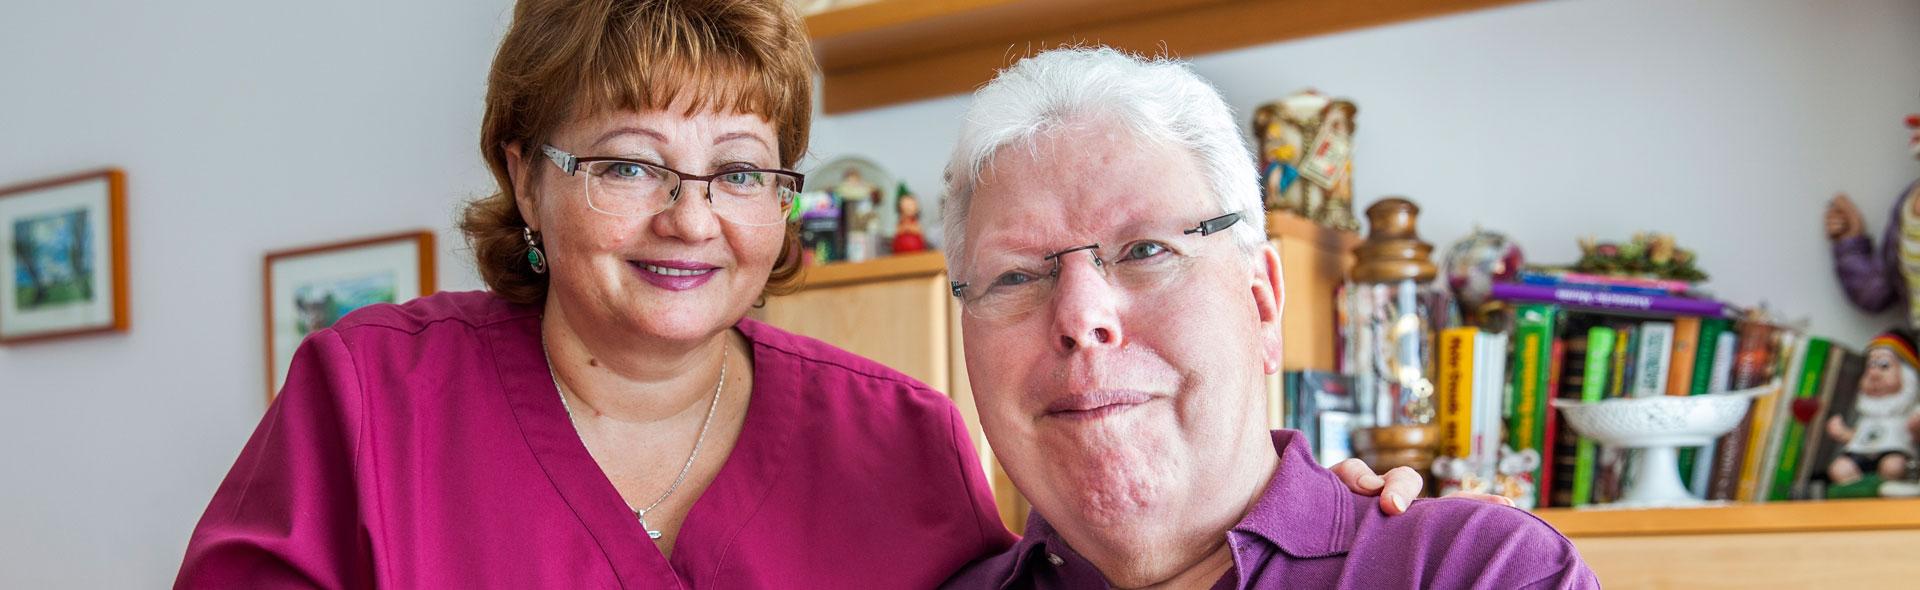 Pflegerin und Senior lächeln